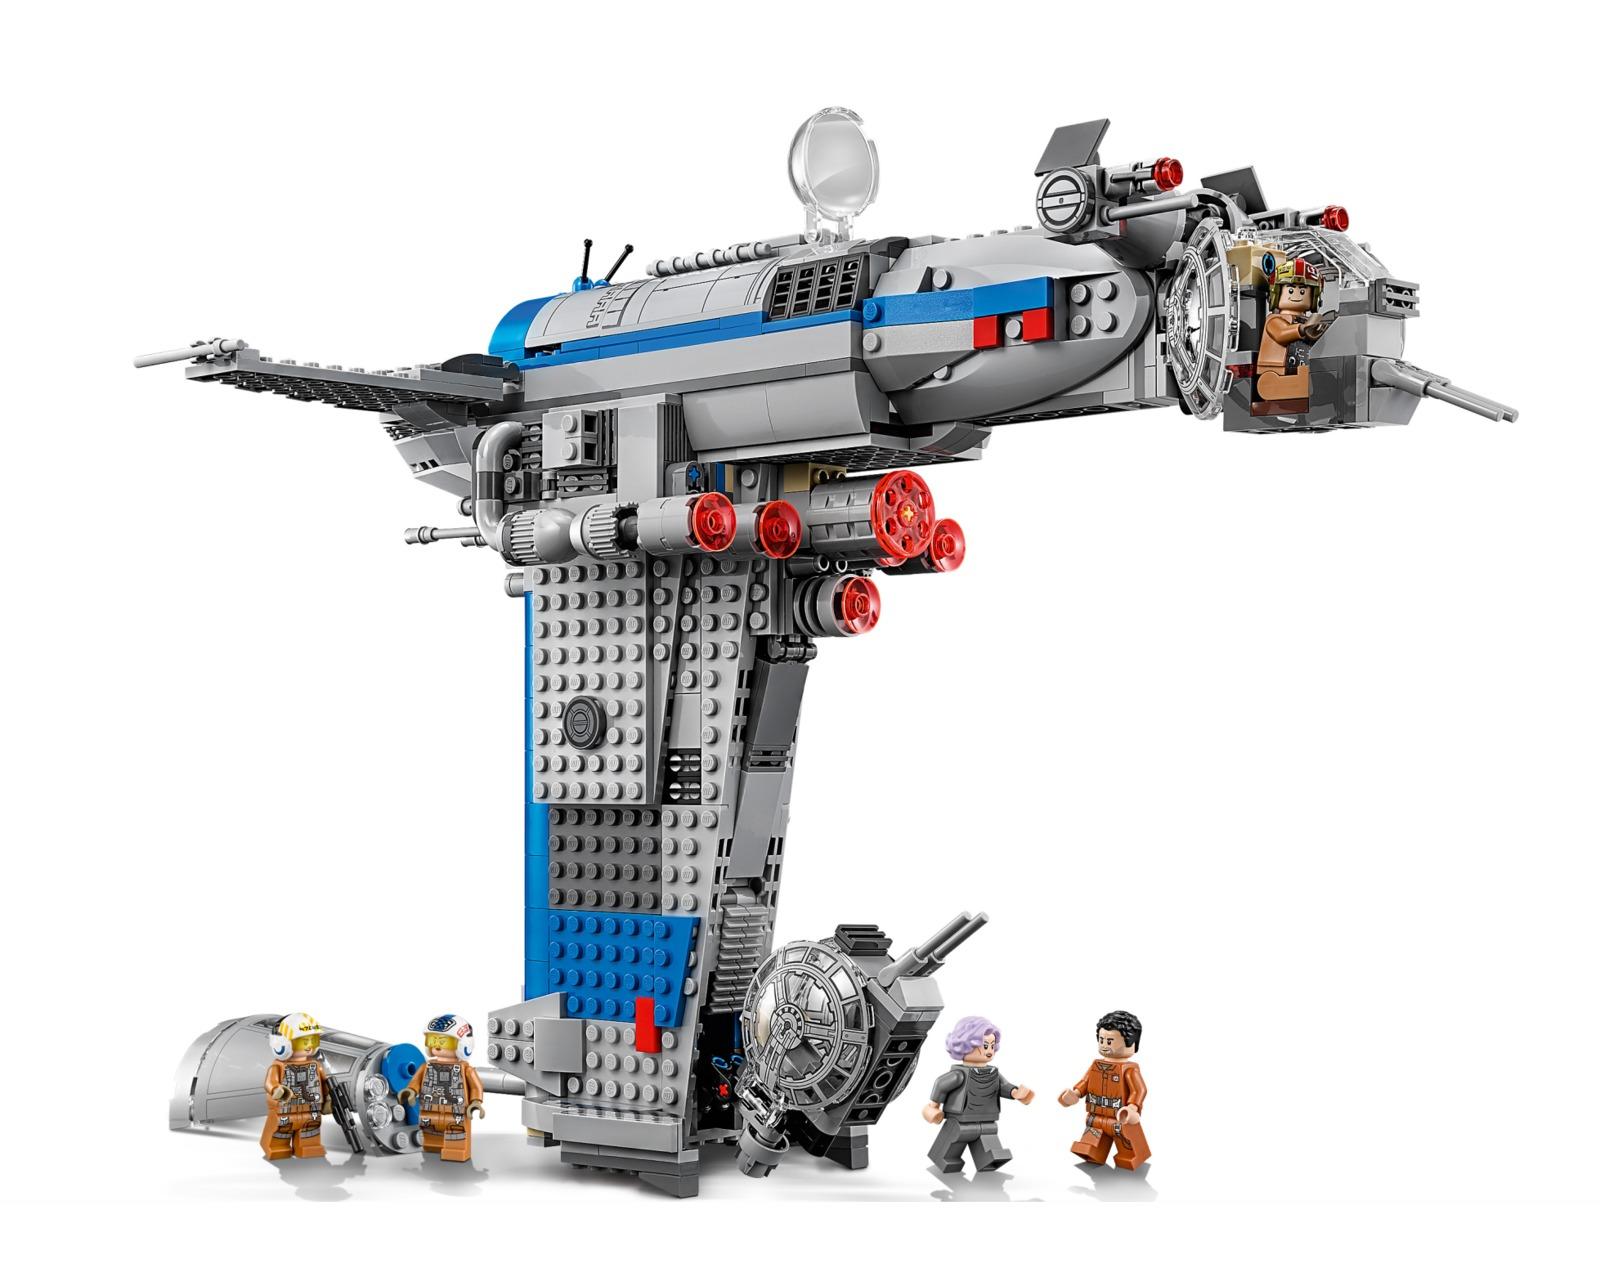 LEGO Star Wars - Resistance Bomber (75188) image